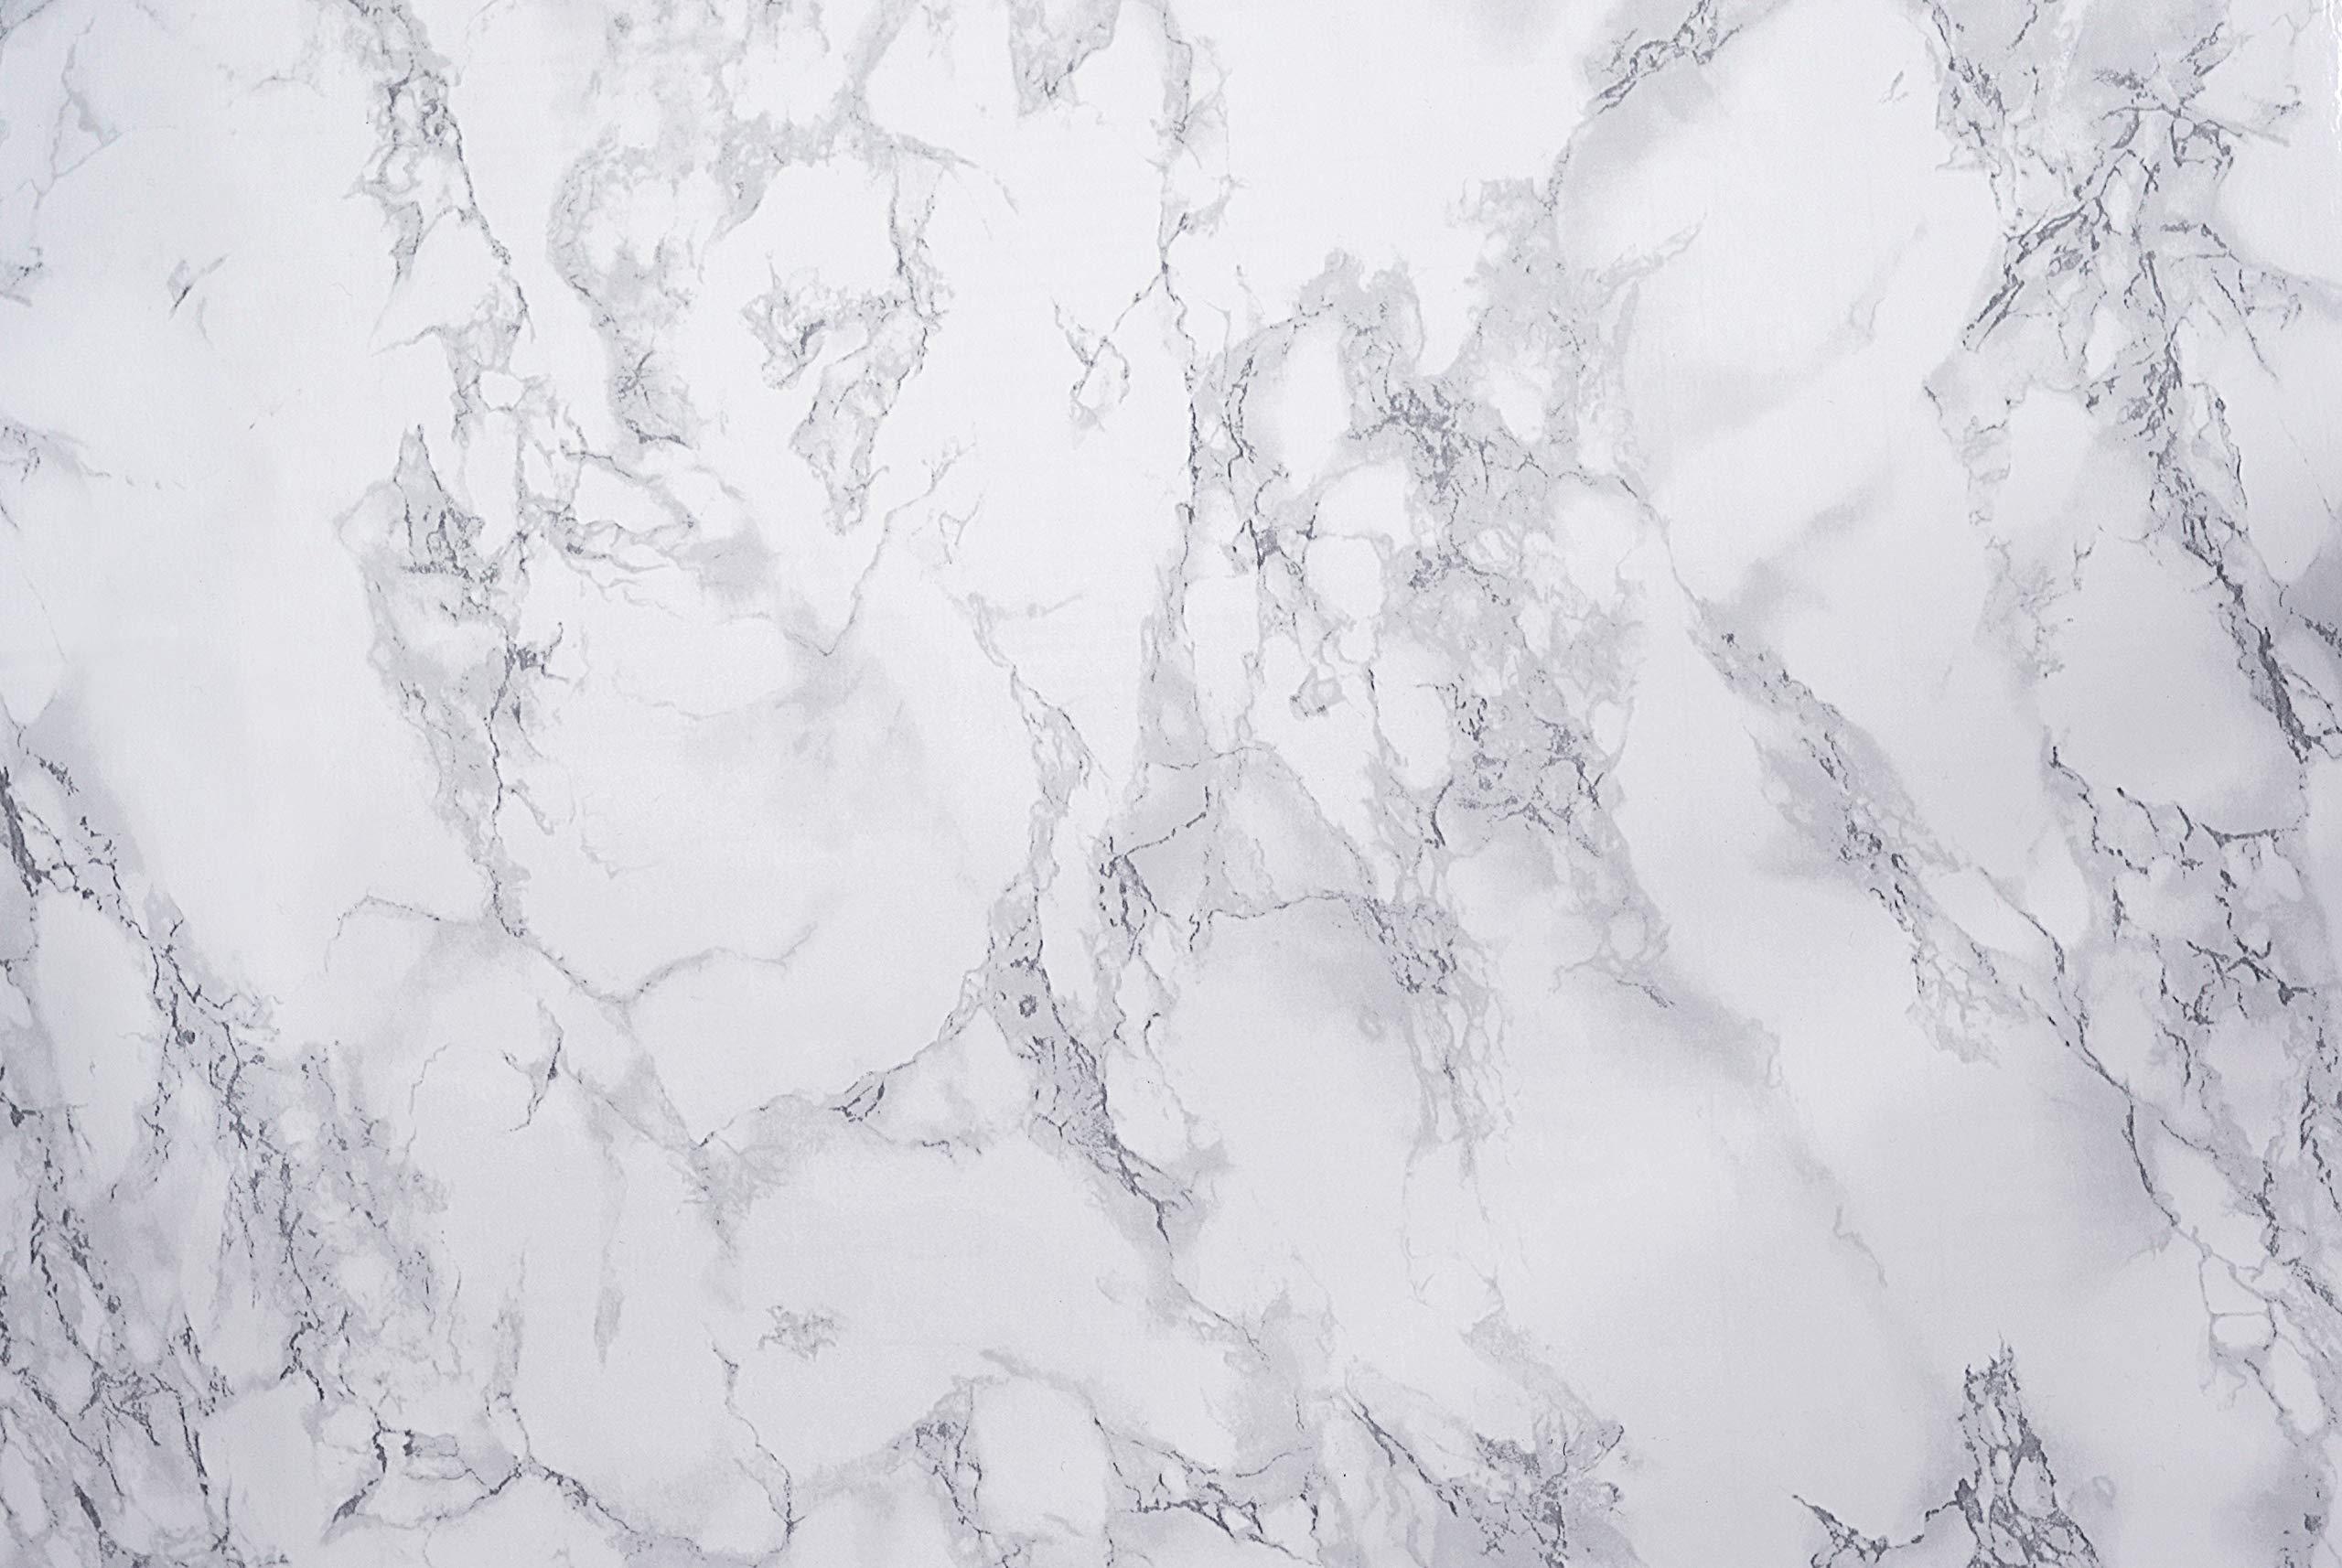 Hornschuch Papier adhésif motif marbre Gris 67,5 cm x 2 m product image